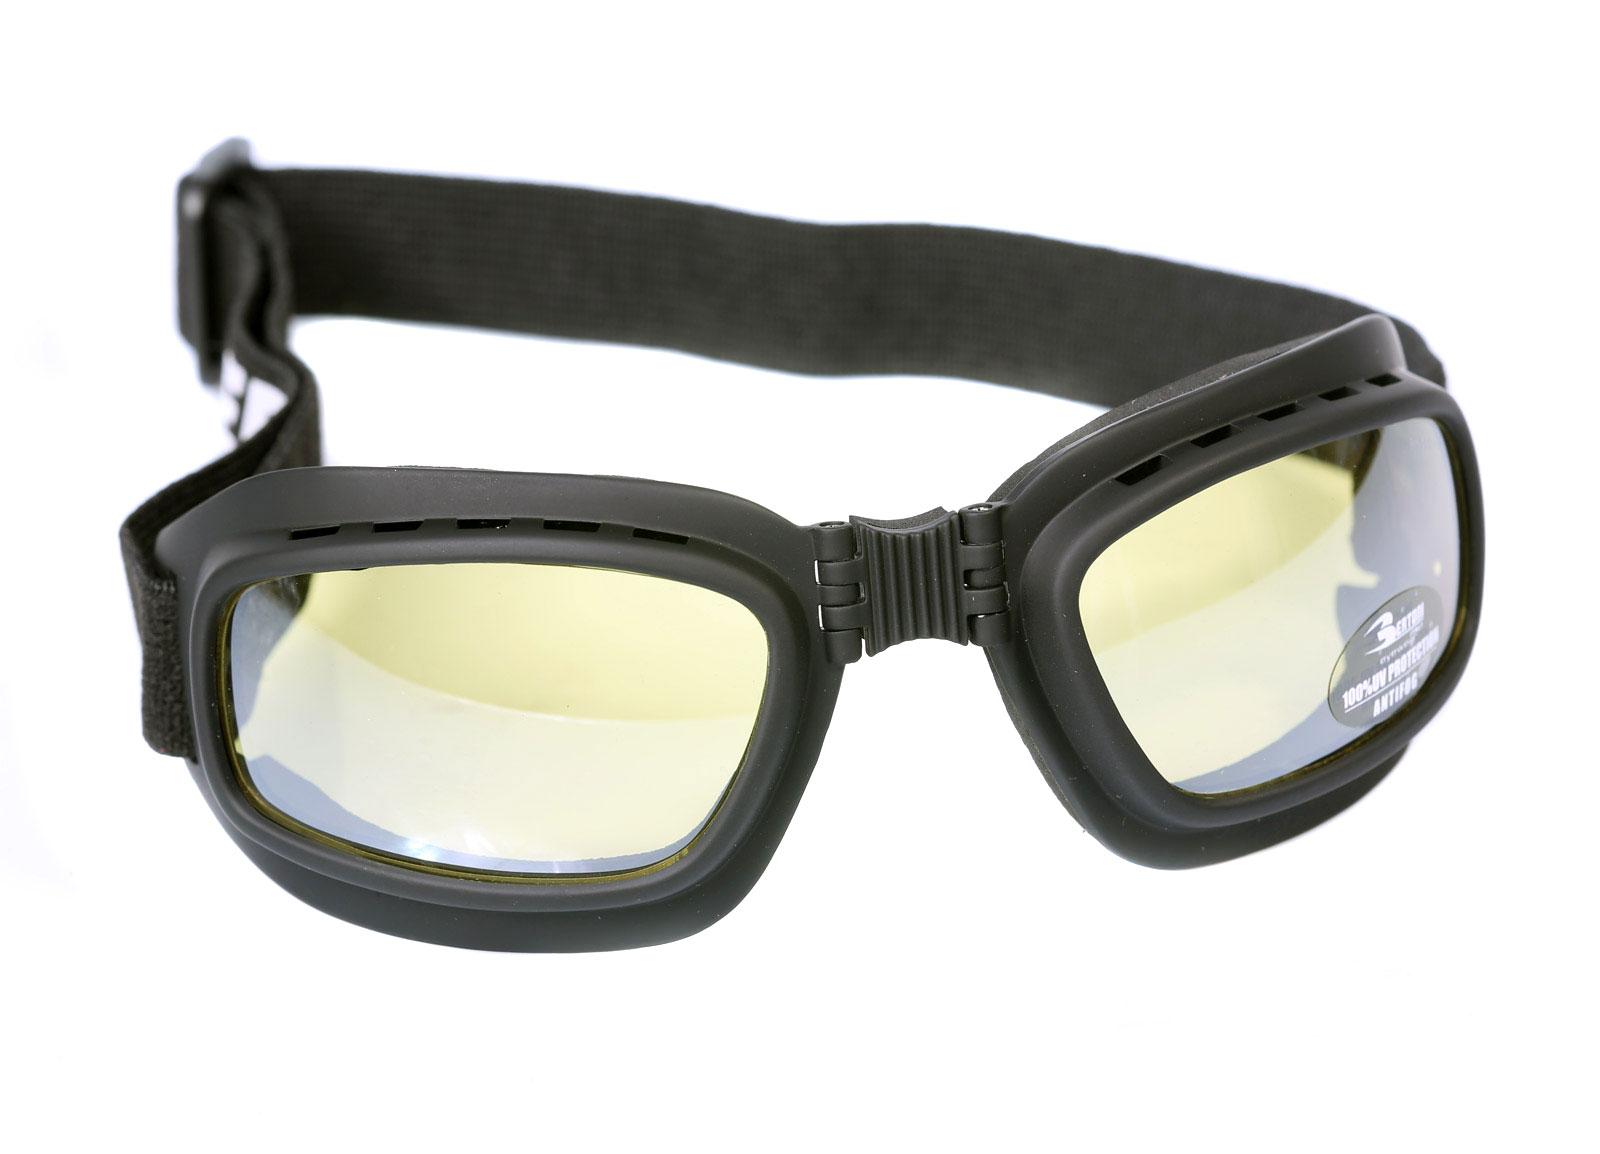 Bertoni AF112D Brille Schwarz/Gelb SOraGT - revkentfoster.com